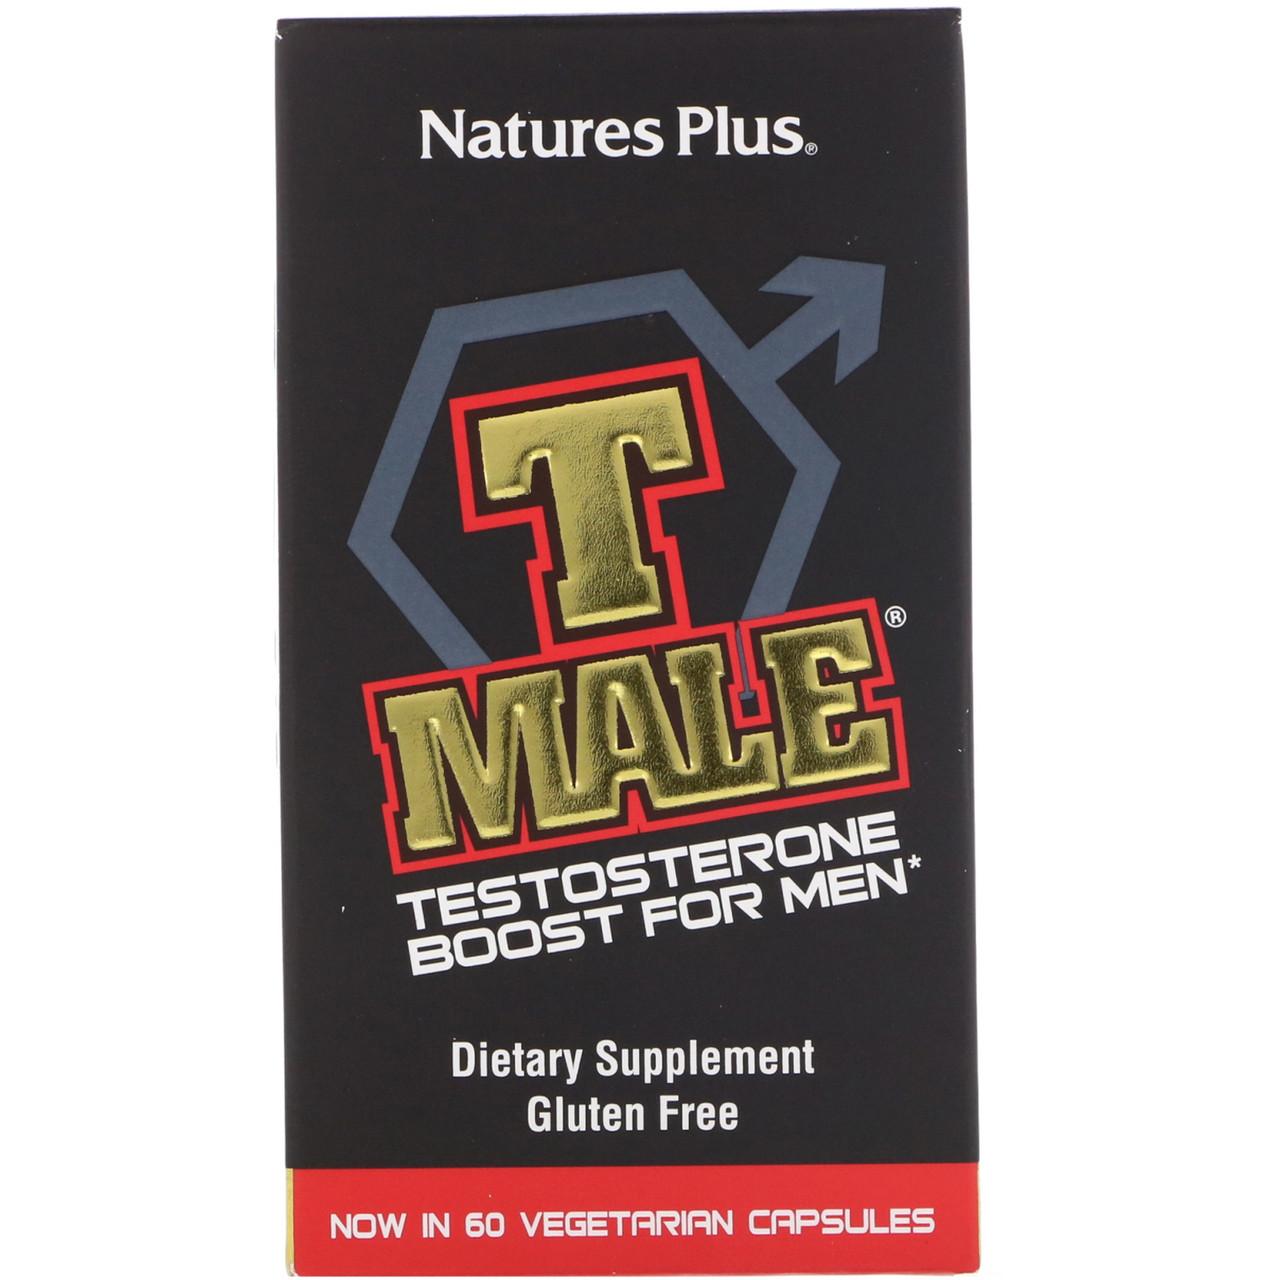 Nature's Plus, T Male, стимулятор тестостерона для мужчин, 60 капсул